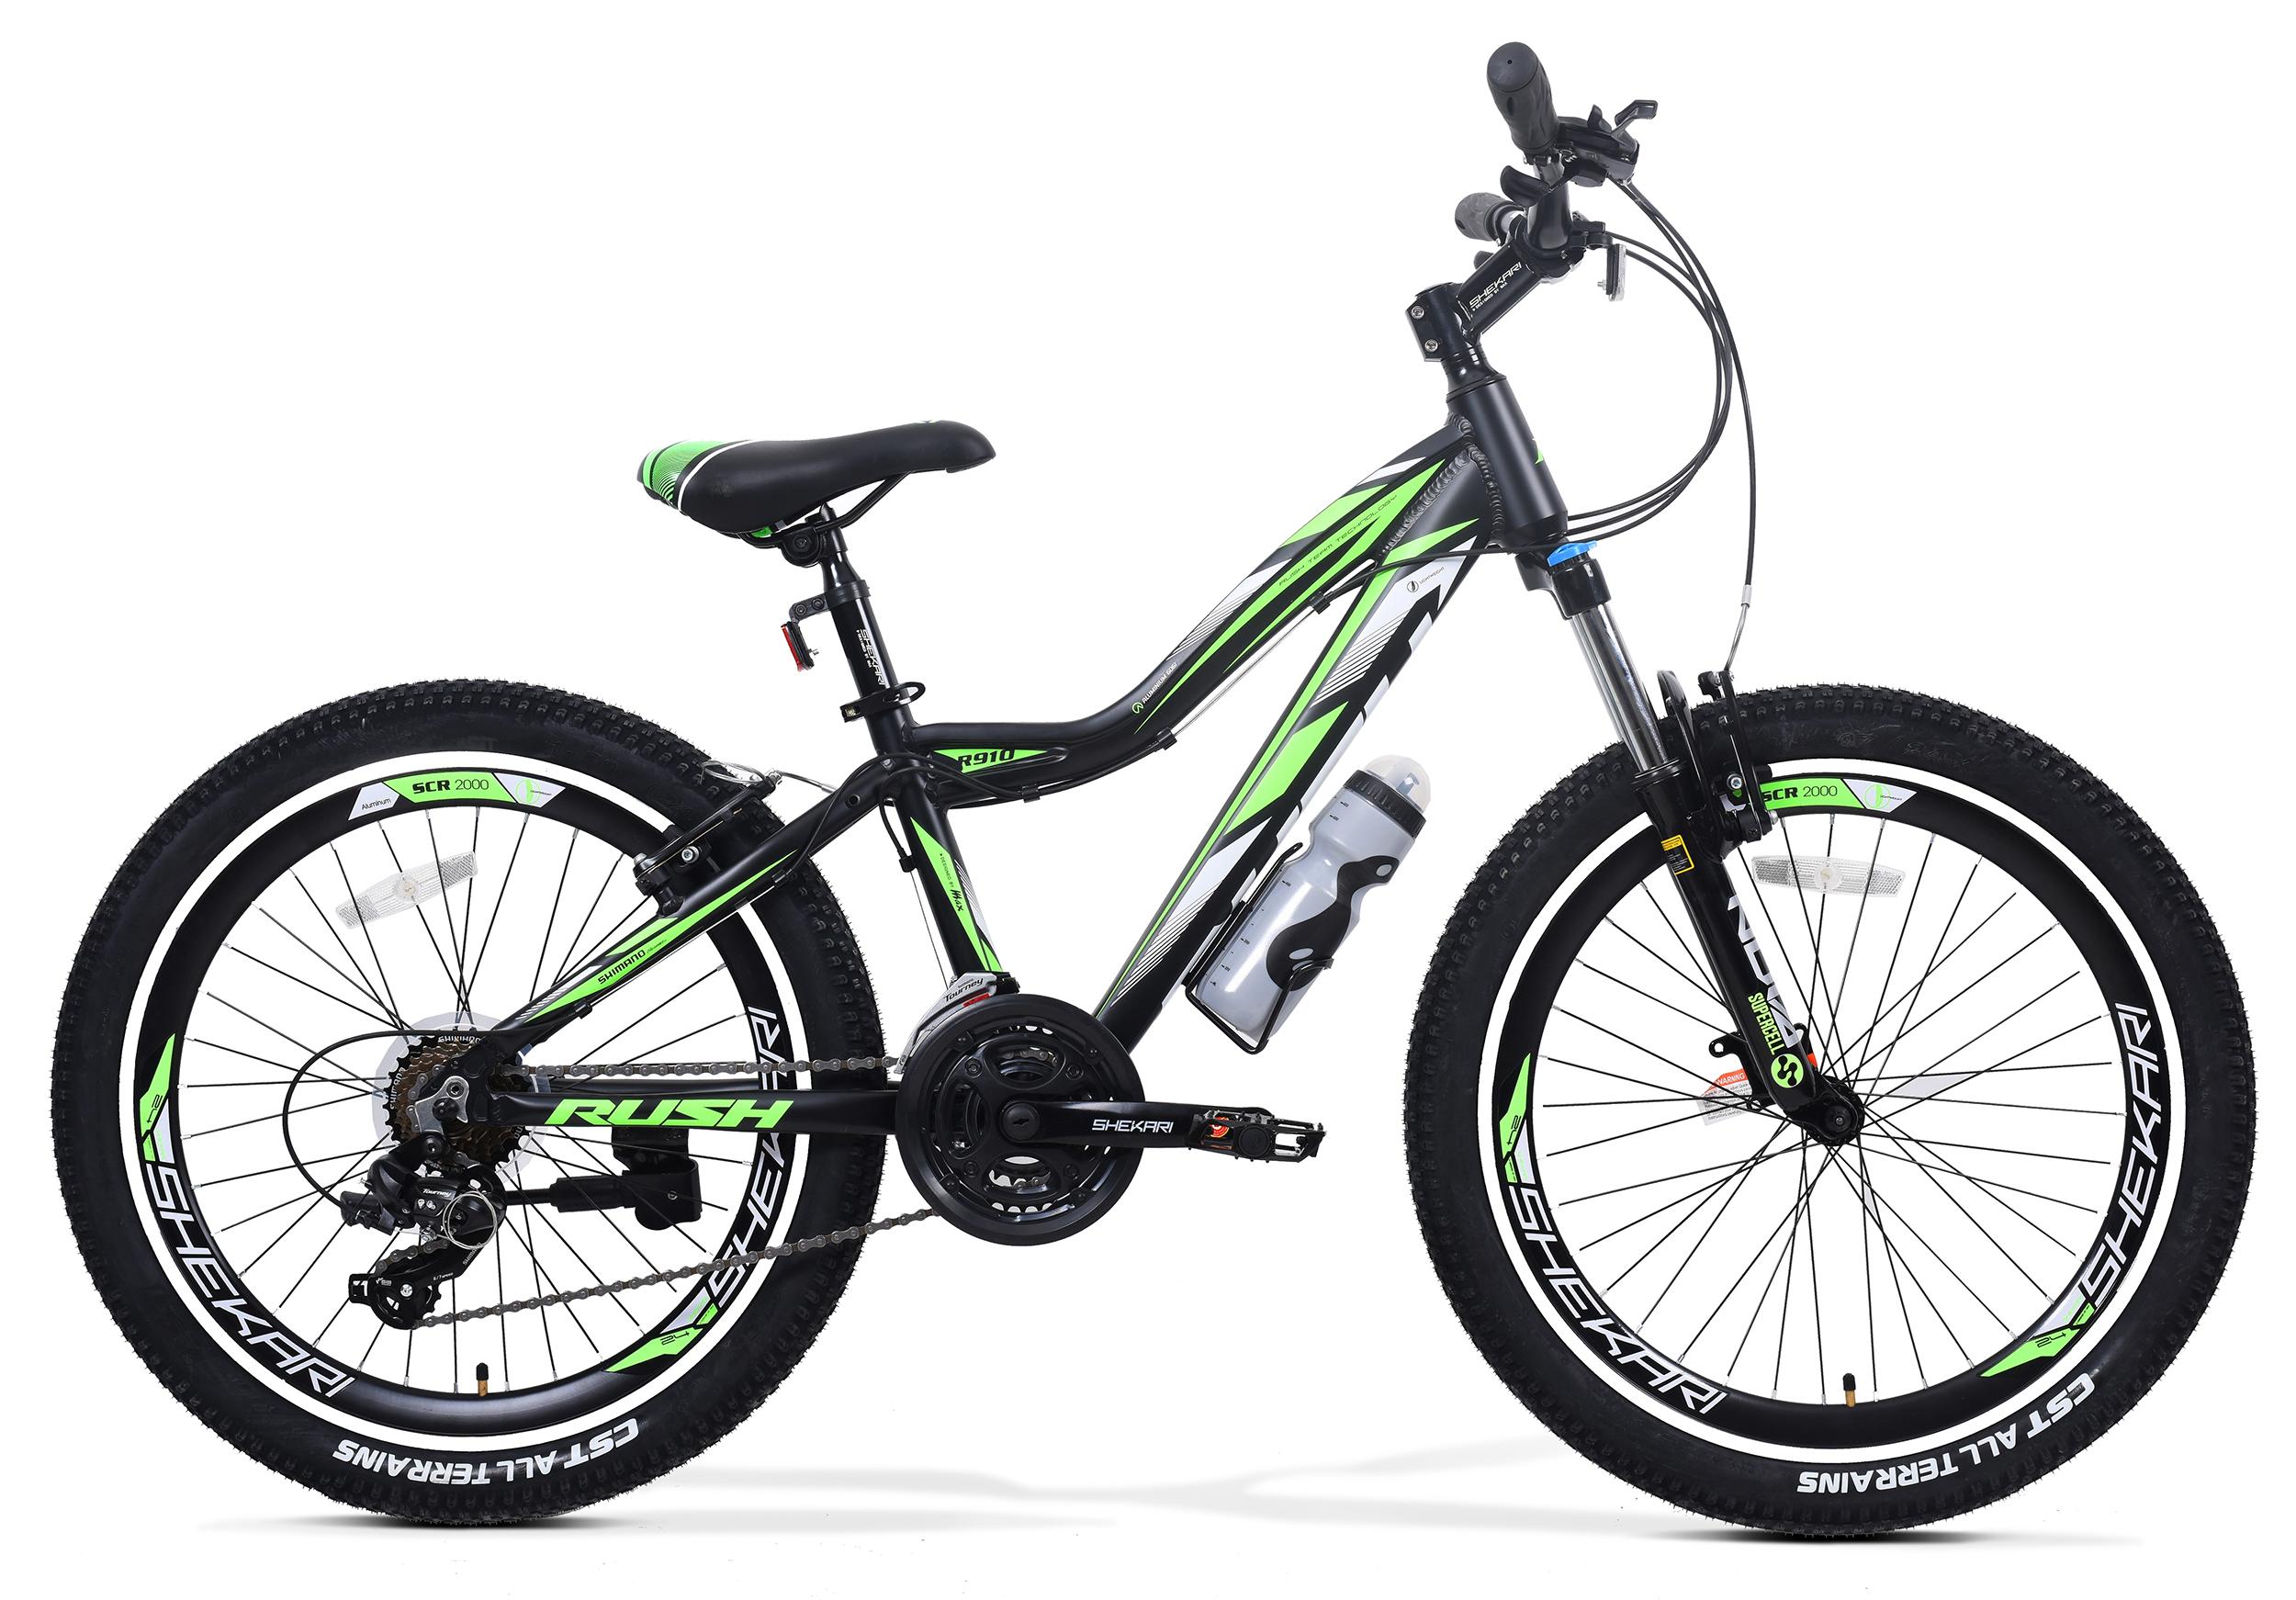 دوچرخه مدل R910